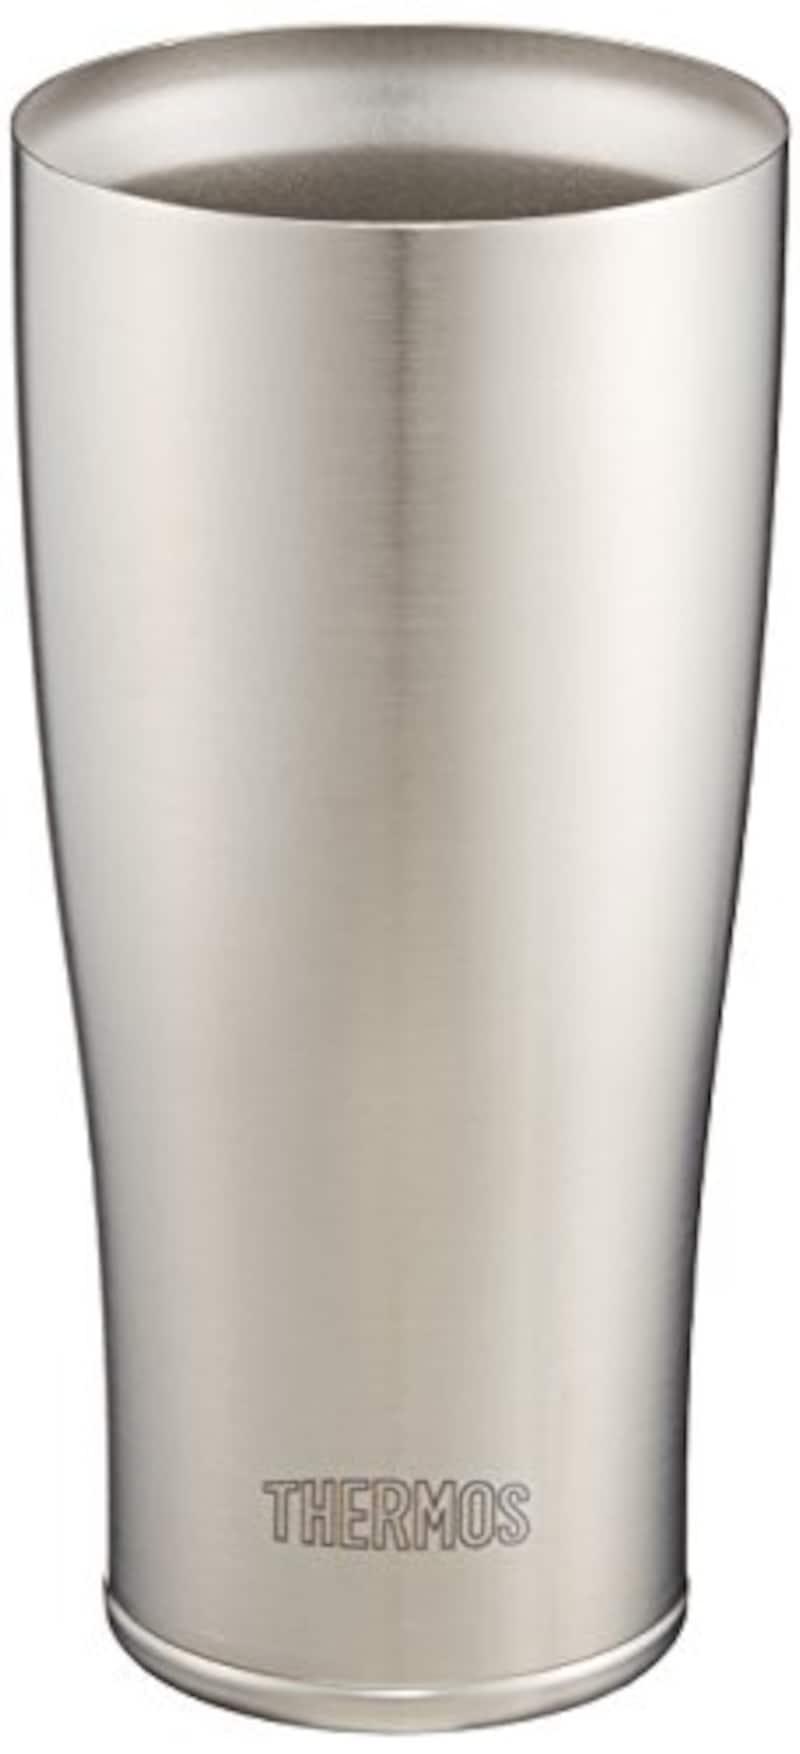 THERMOS(サーモス),真空断熱タンブラー,JDE-420